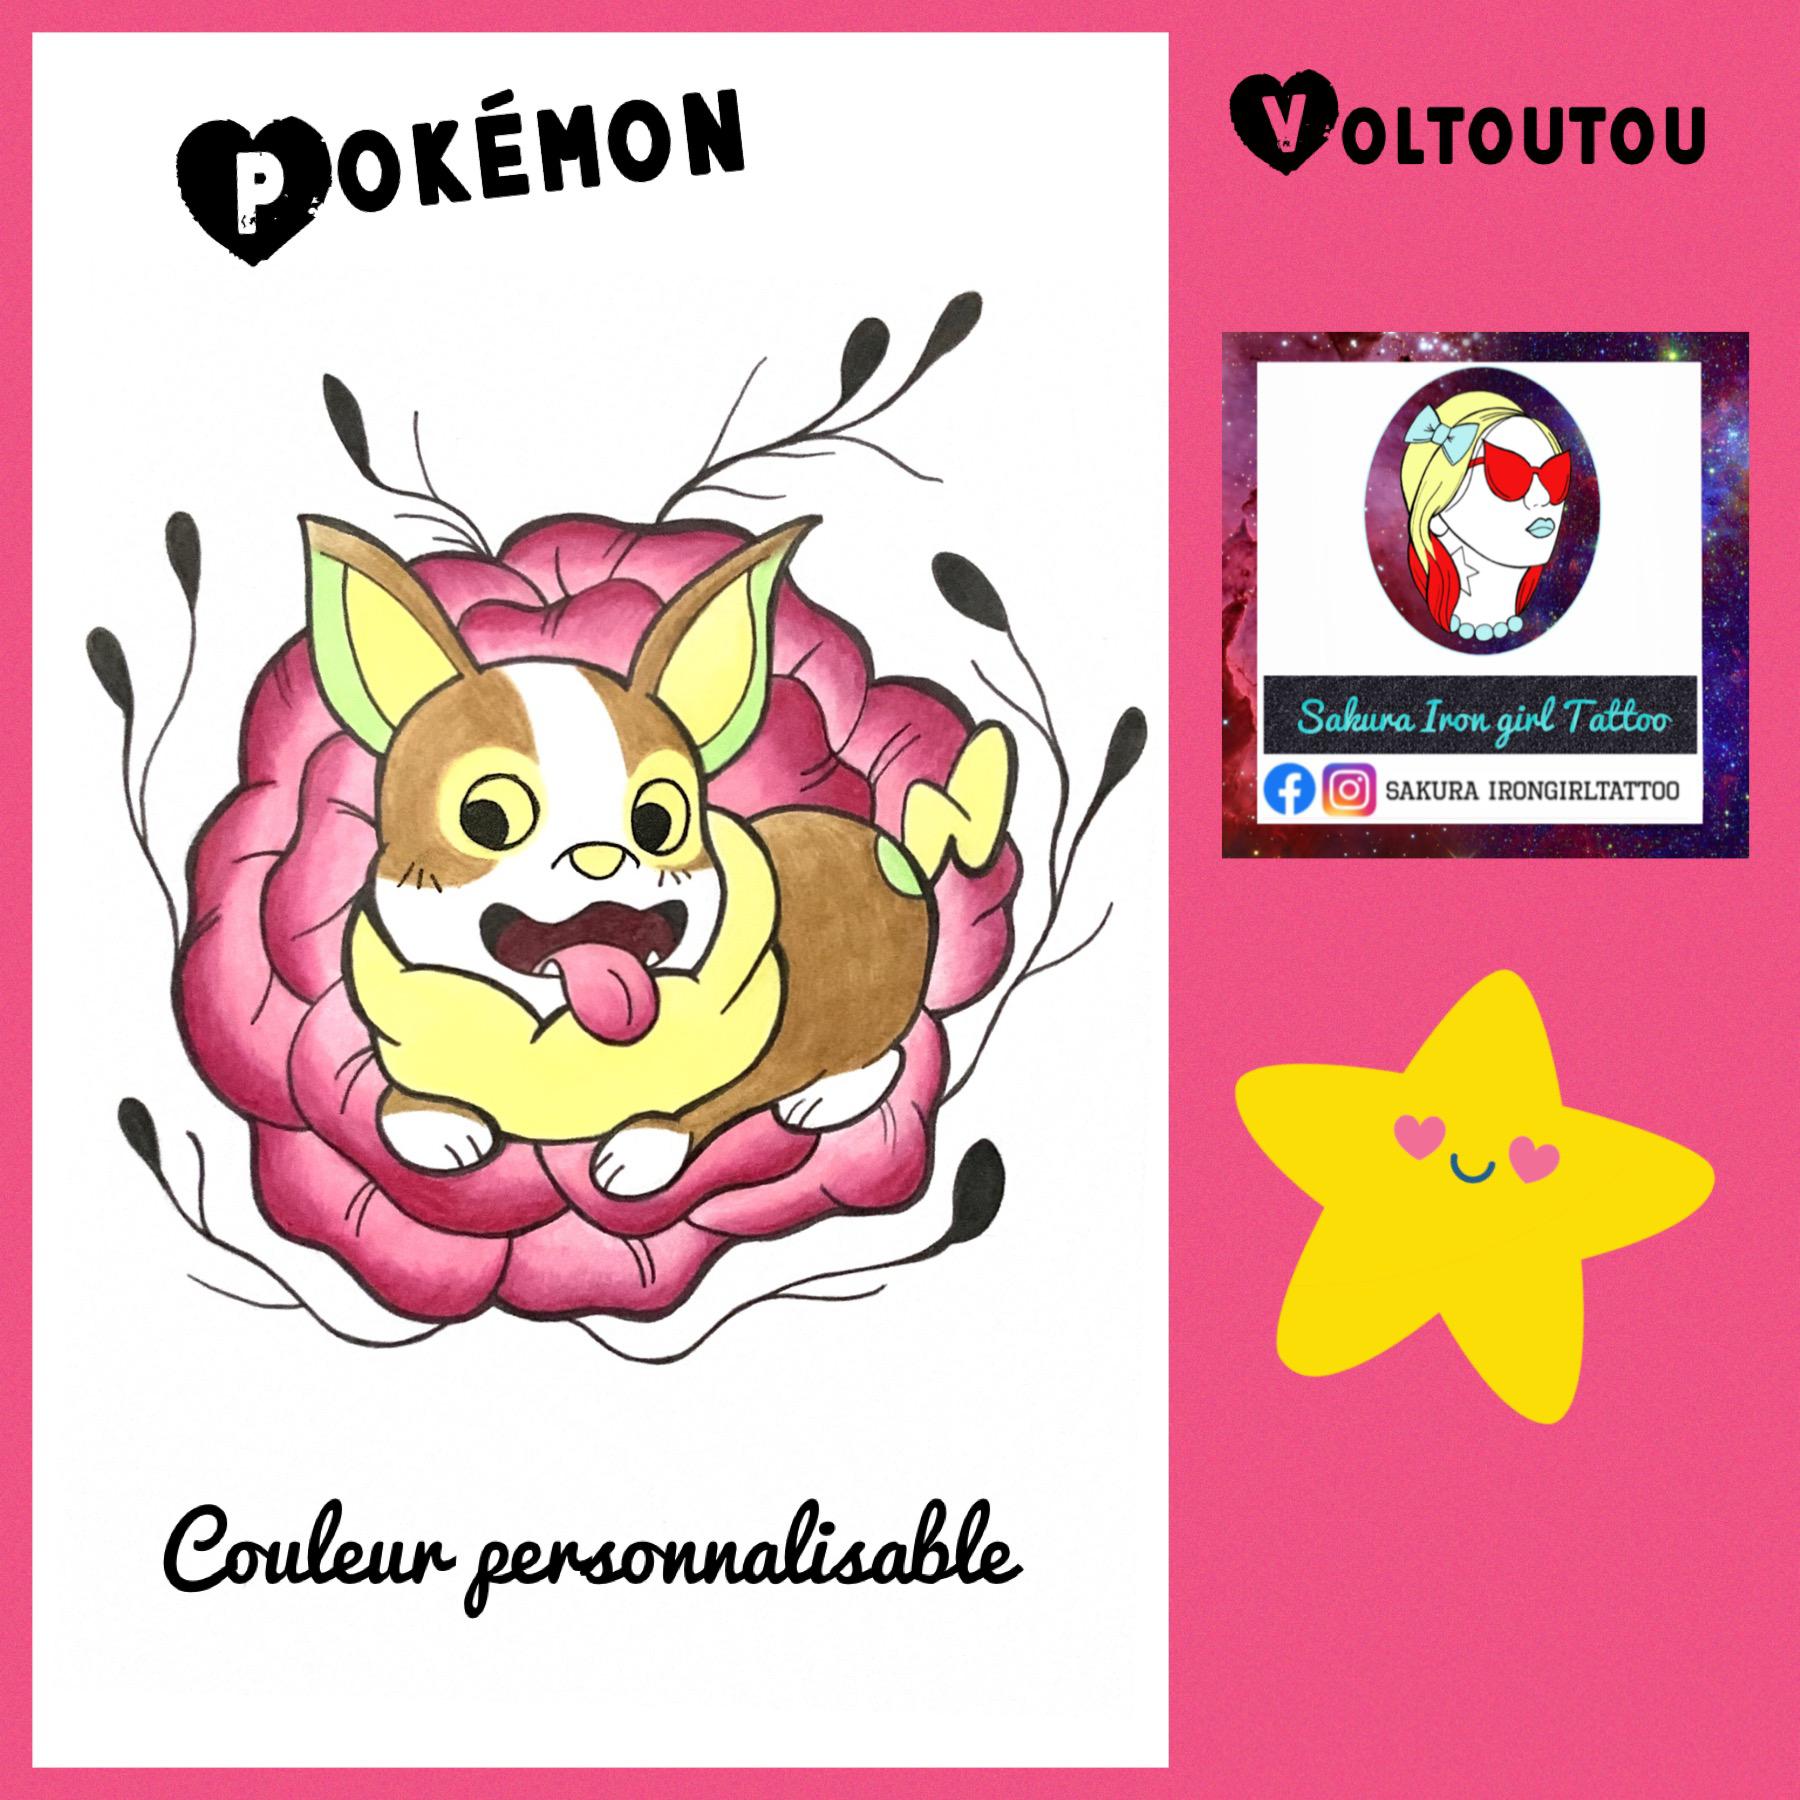 Voltoutou pokemon flash Sakura irongirltattoo tattoo ...